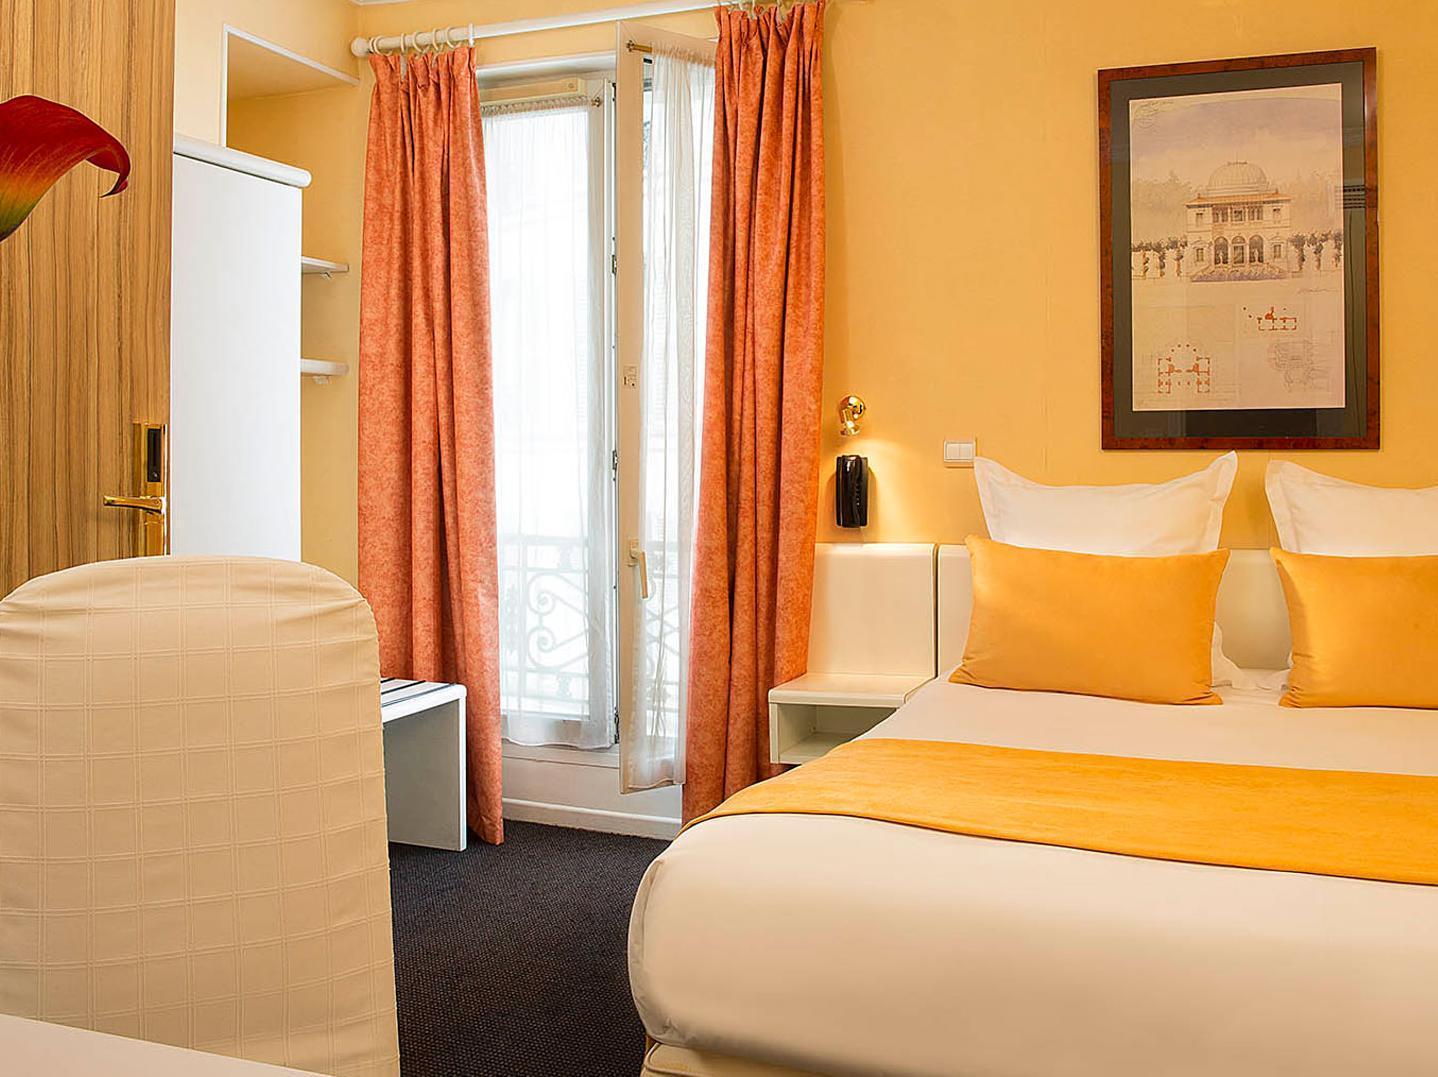 Hotel Eiffel Turenne